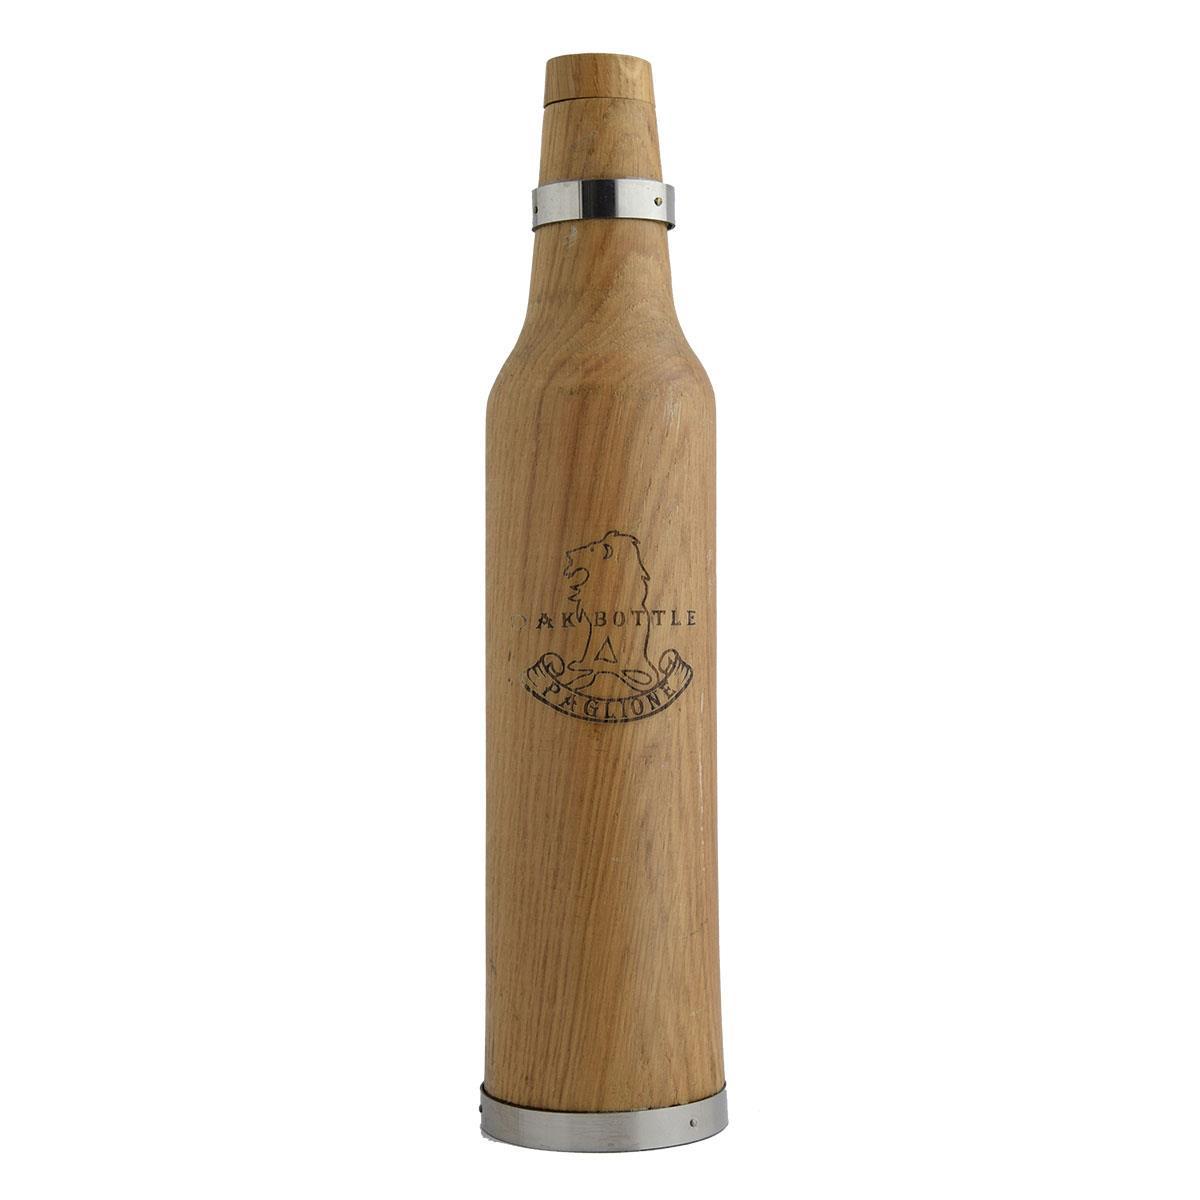 Ξύλινο Μπουκάλι Παλαίωσης 750ml